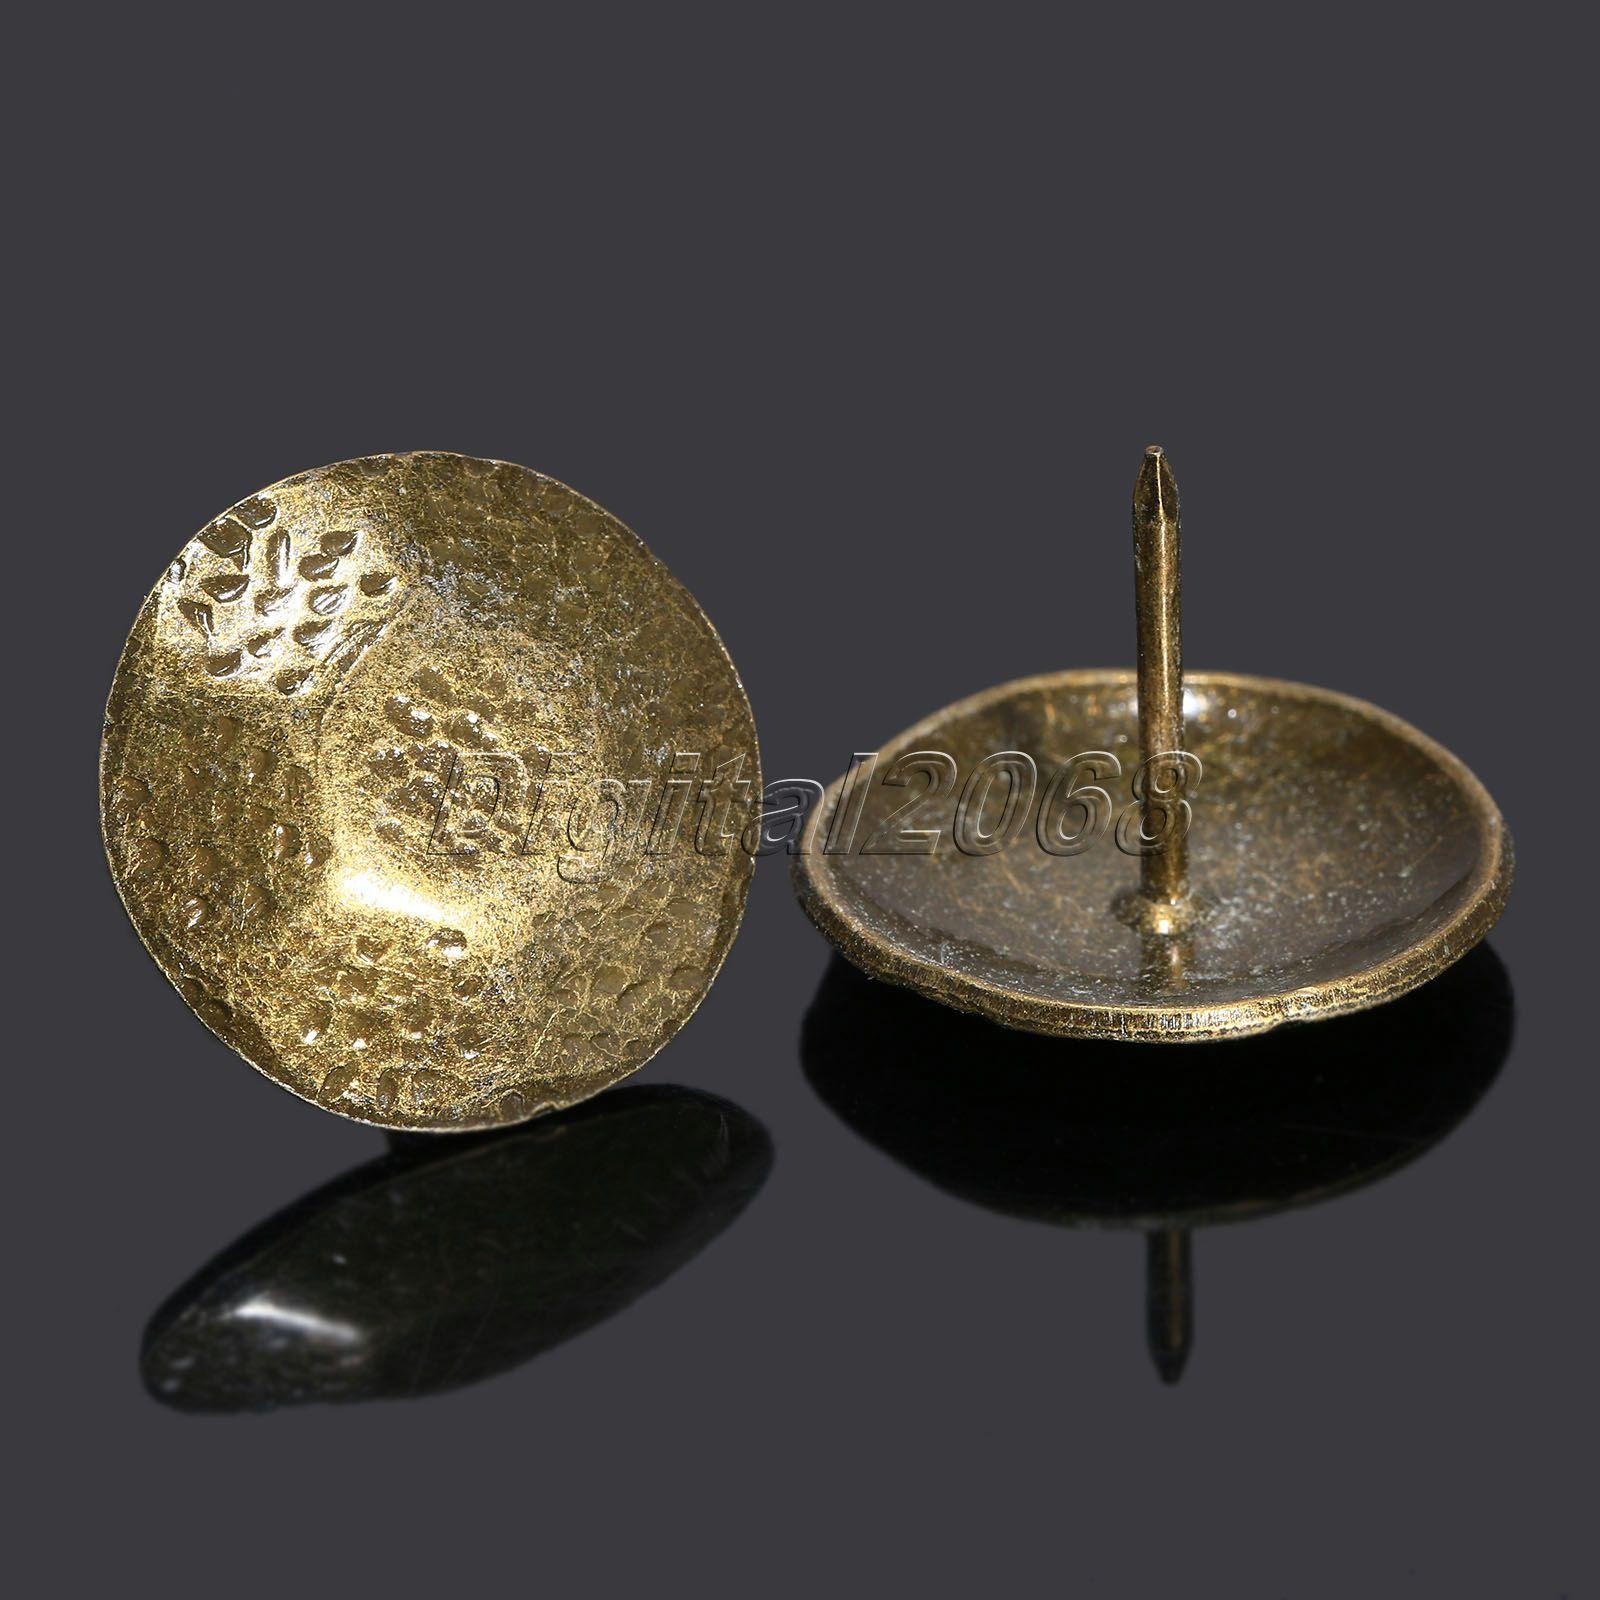 50 шт., бронзовая сотовая мебель, декоративные гвозди для обивки, шпильки для домашнего декора, 26x20мм